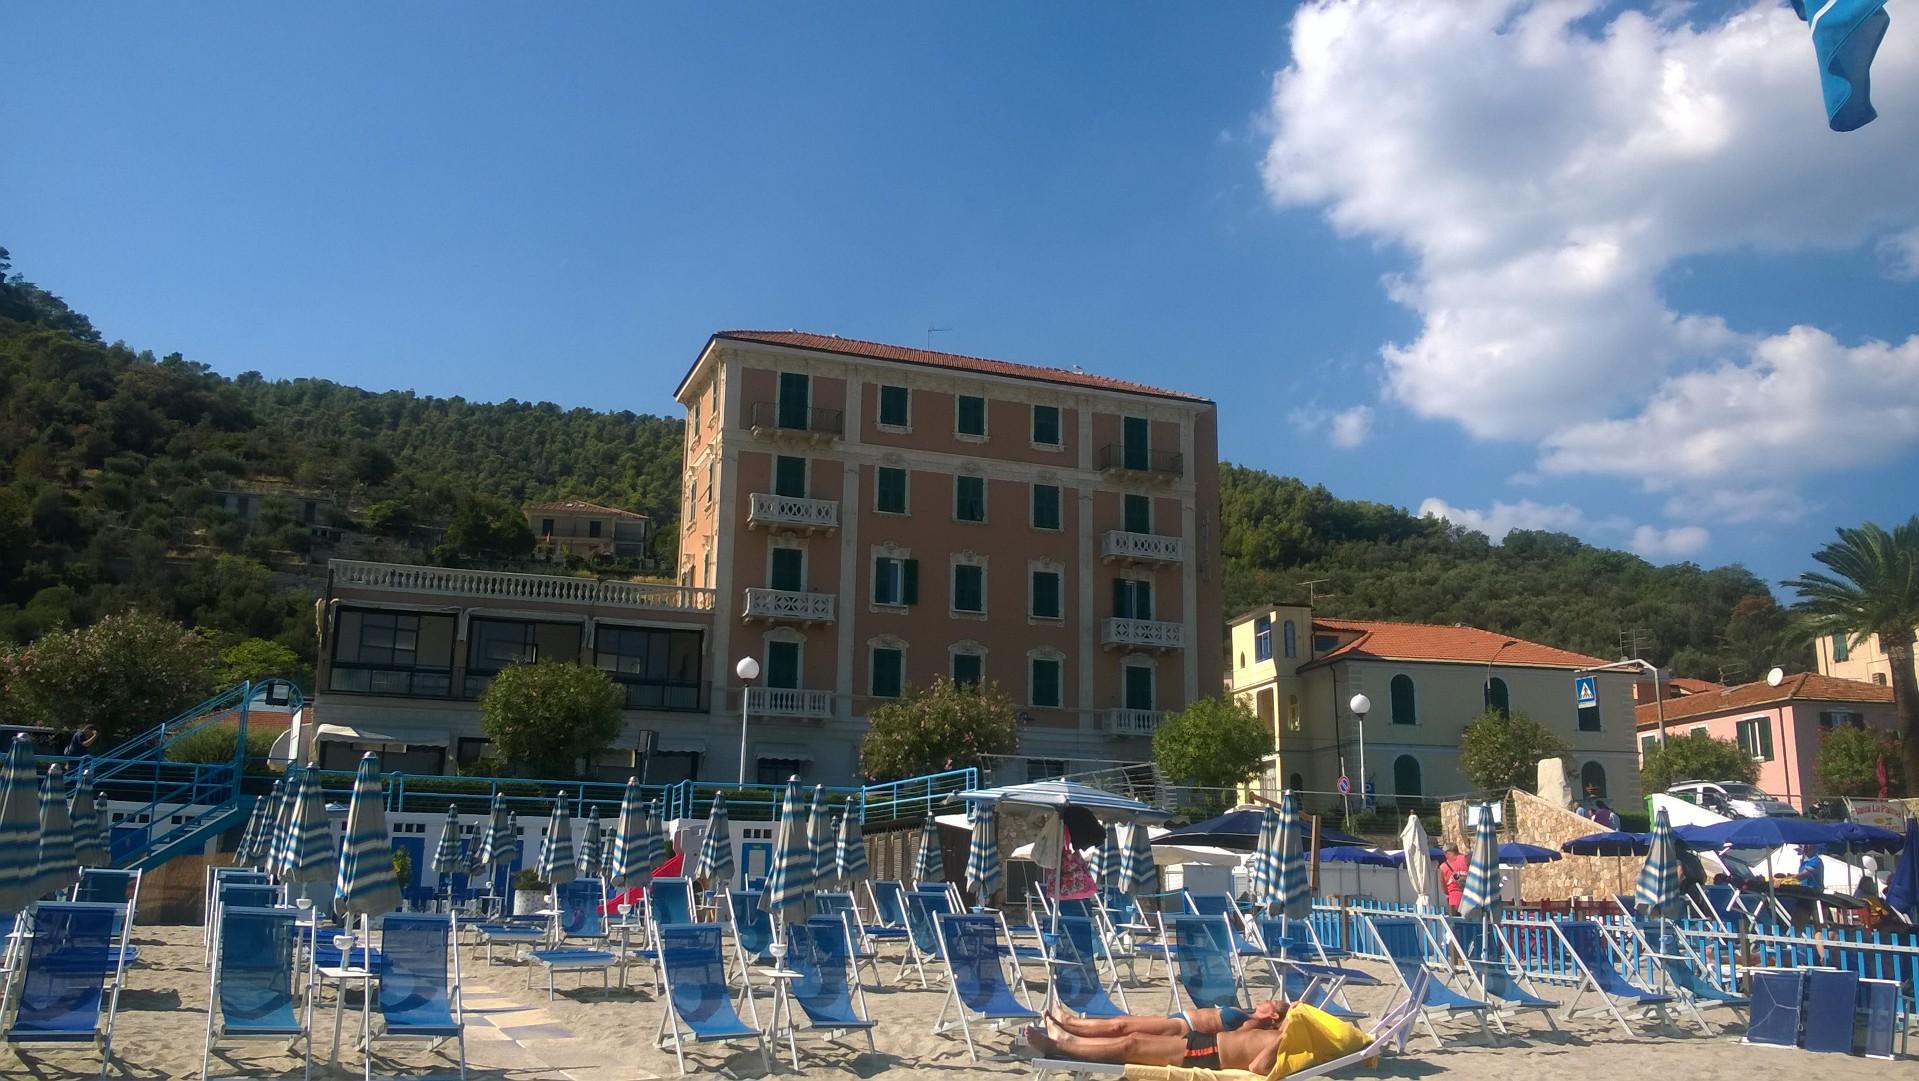 Visuale dell'Hotel